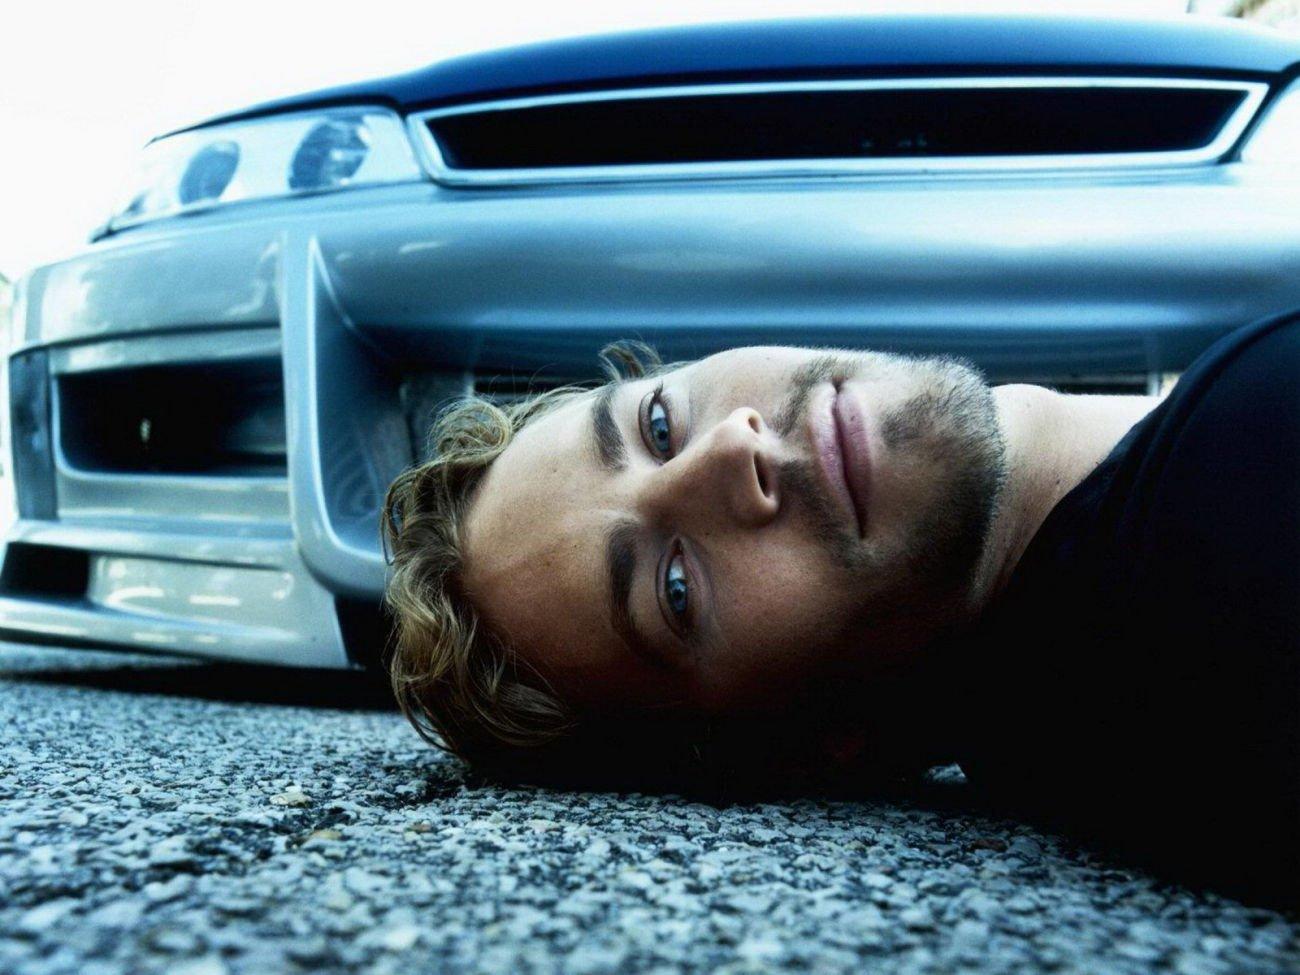 Porsche blames paul walker for his death car news porsche blames paul walker for his death publicscrutiny Images